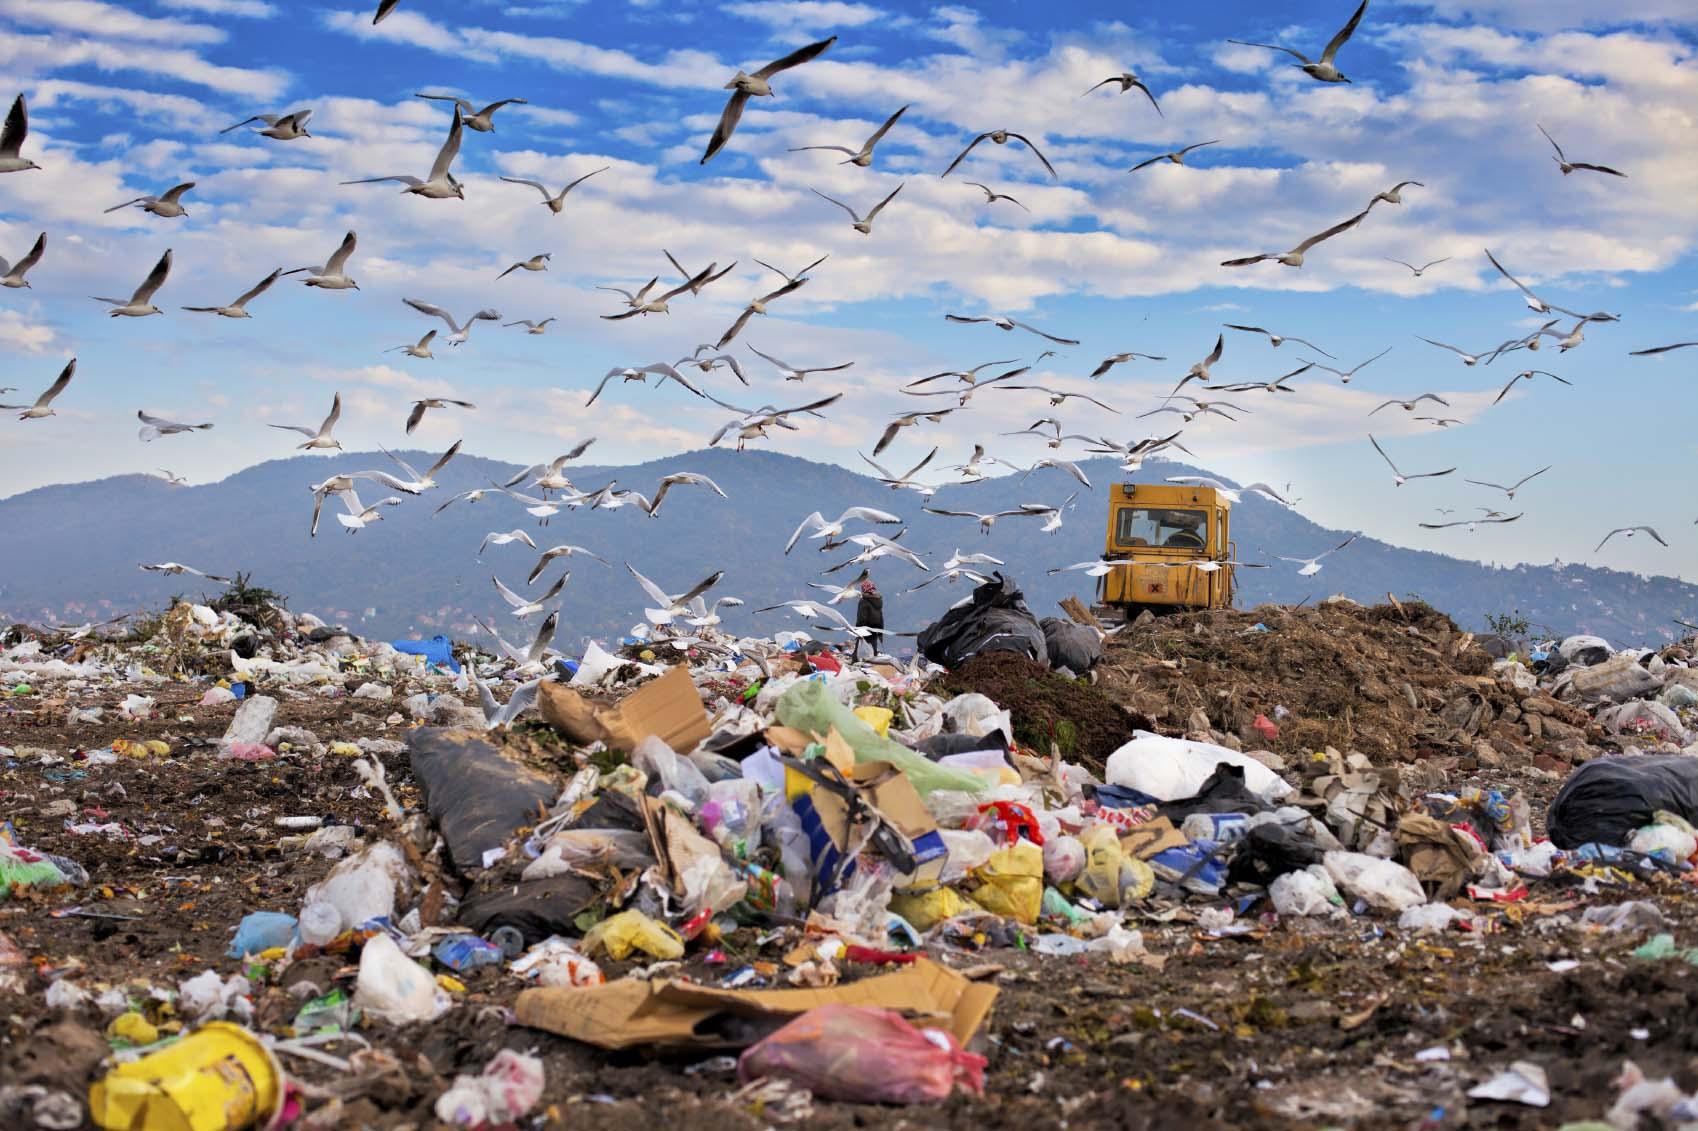 العنصرية البيئية والعدالة البيئية وحركة الإنصاف البيئي: الجزء الأول